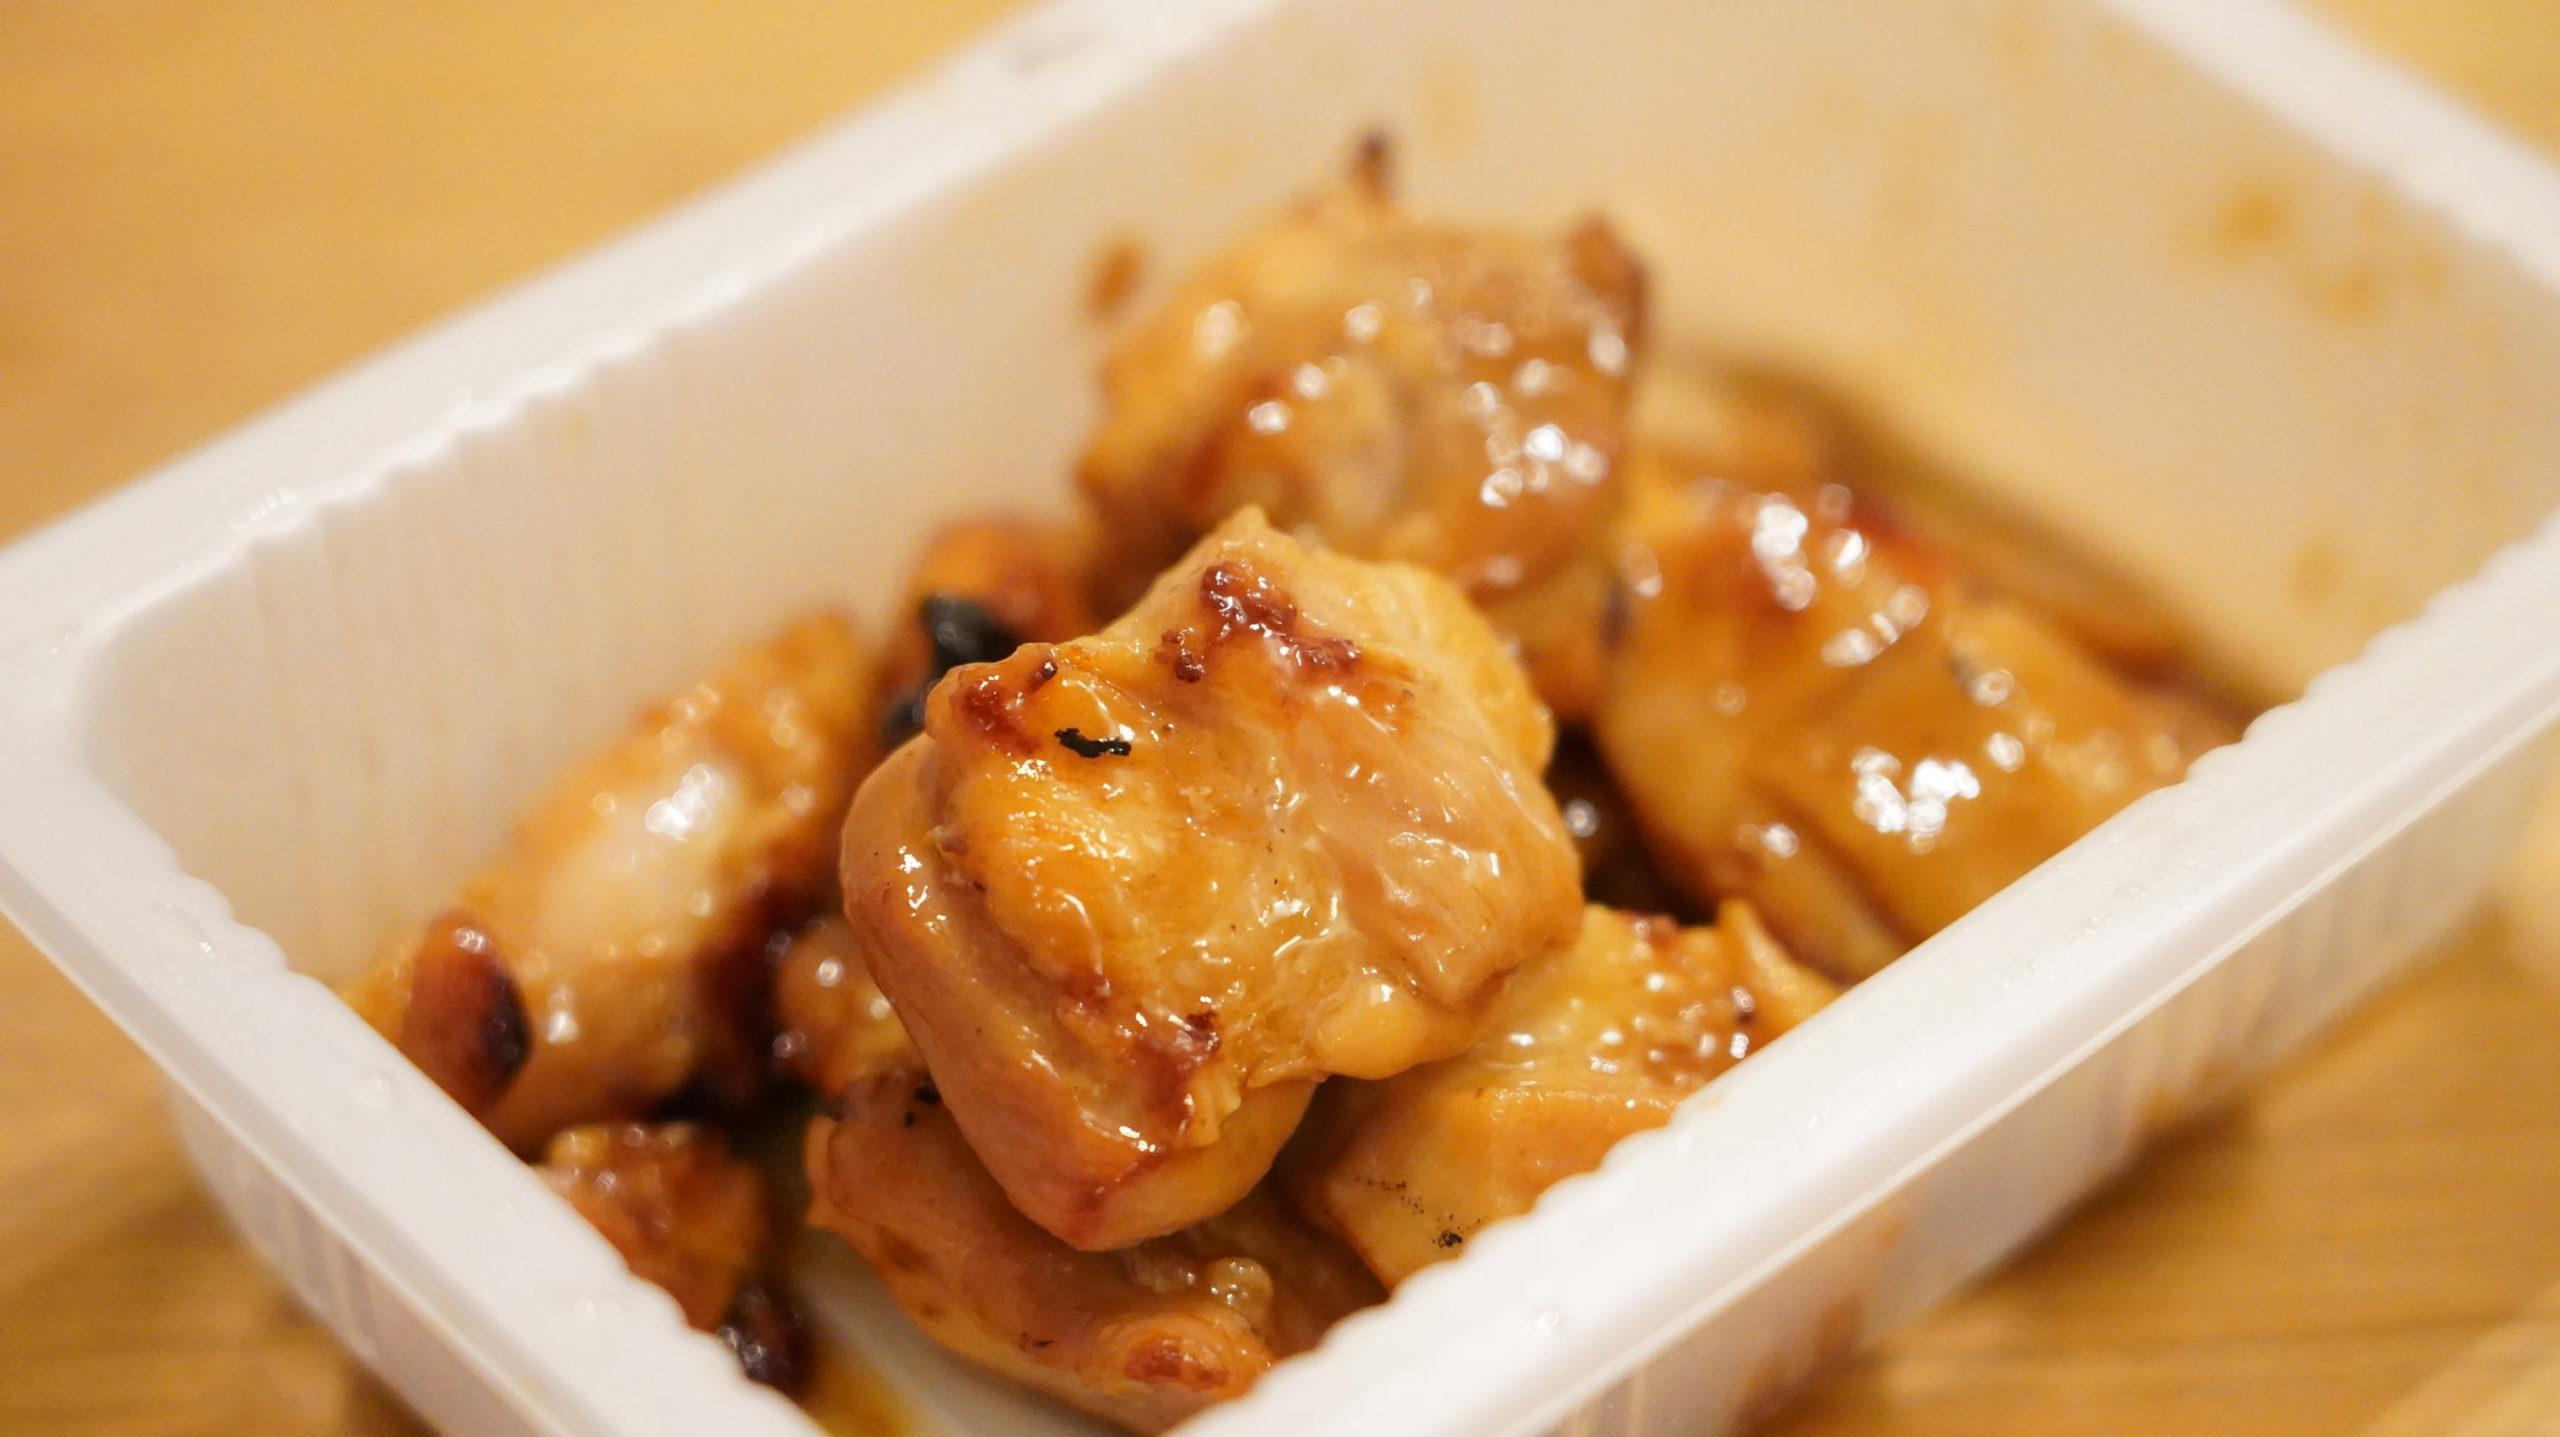 セブンイレブンのおすすめ冷凍食品「焼鳥炭火焼」の中身の写真